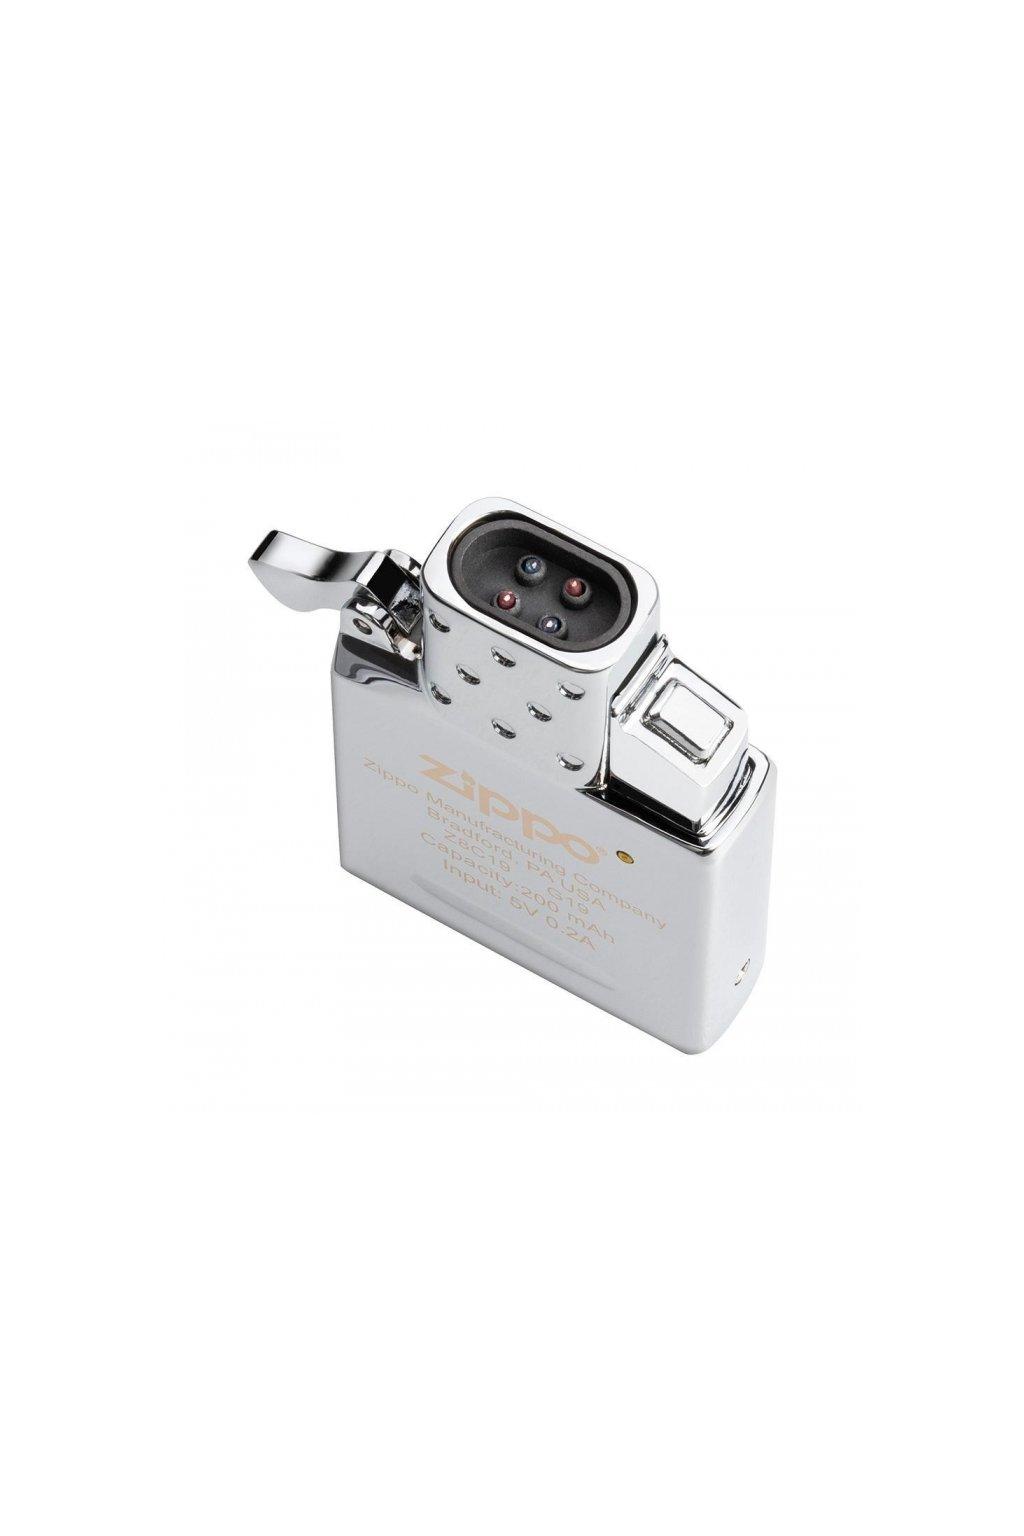 5412 30902 z sp acc insert pt03 1024x1024 product detail main